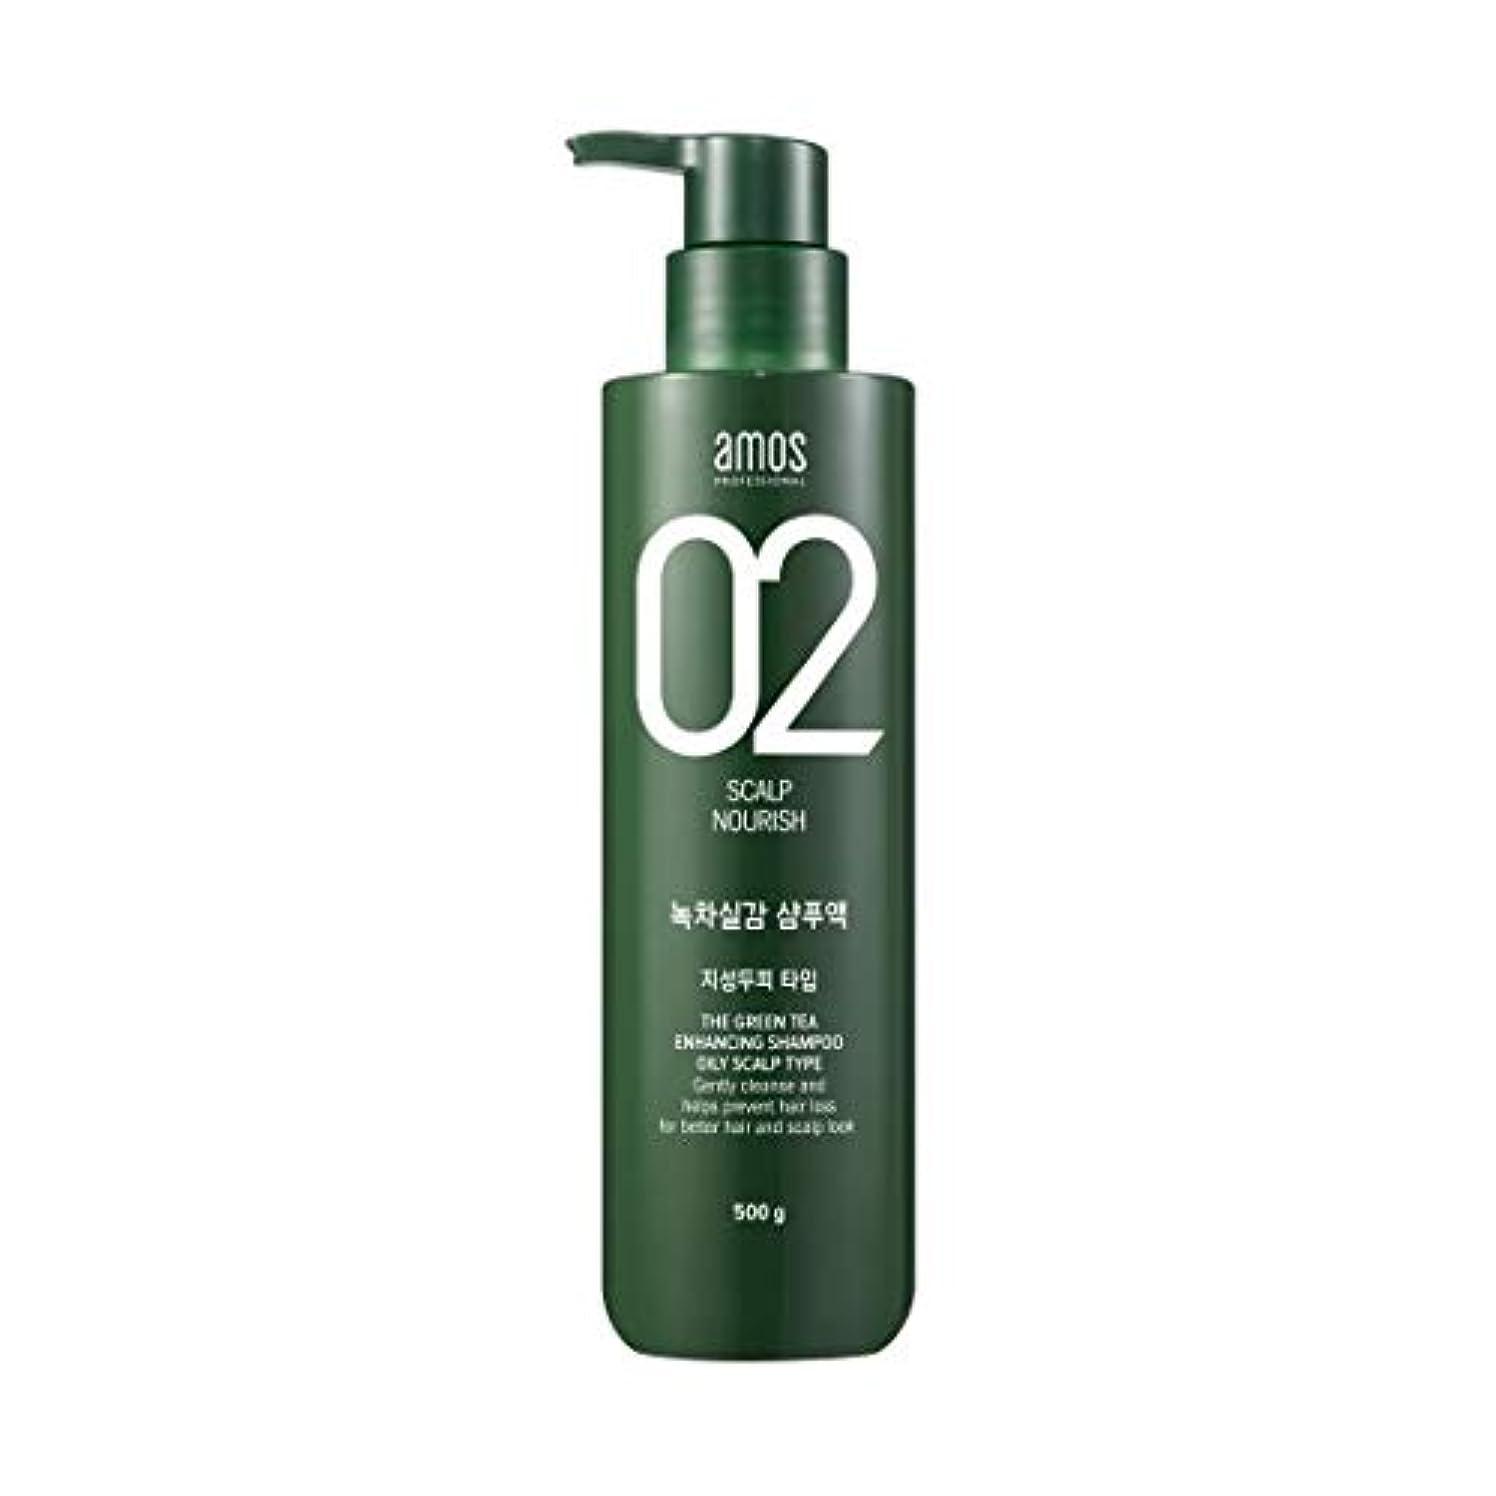 同化ブラウンライバルAmos Green Tea Enhancing Shampoo -Oily 500g / アモス ザ グリーンティー エンハンシング シャンプー # 脂性 オイリー スカルプタイプ [並行輸入品]